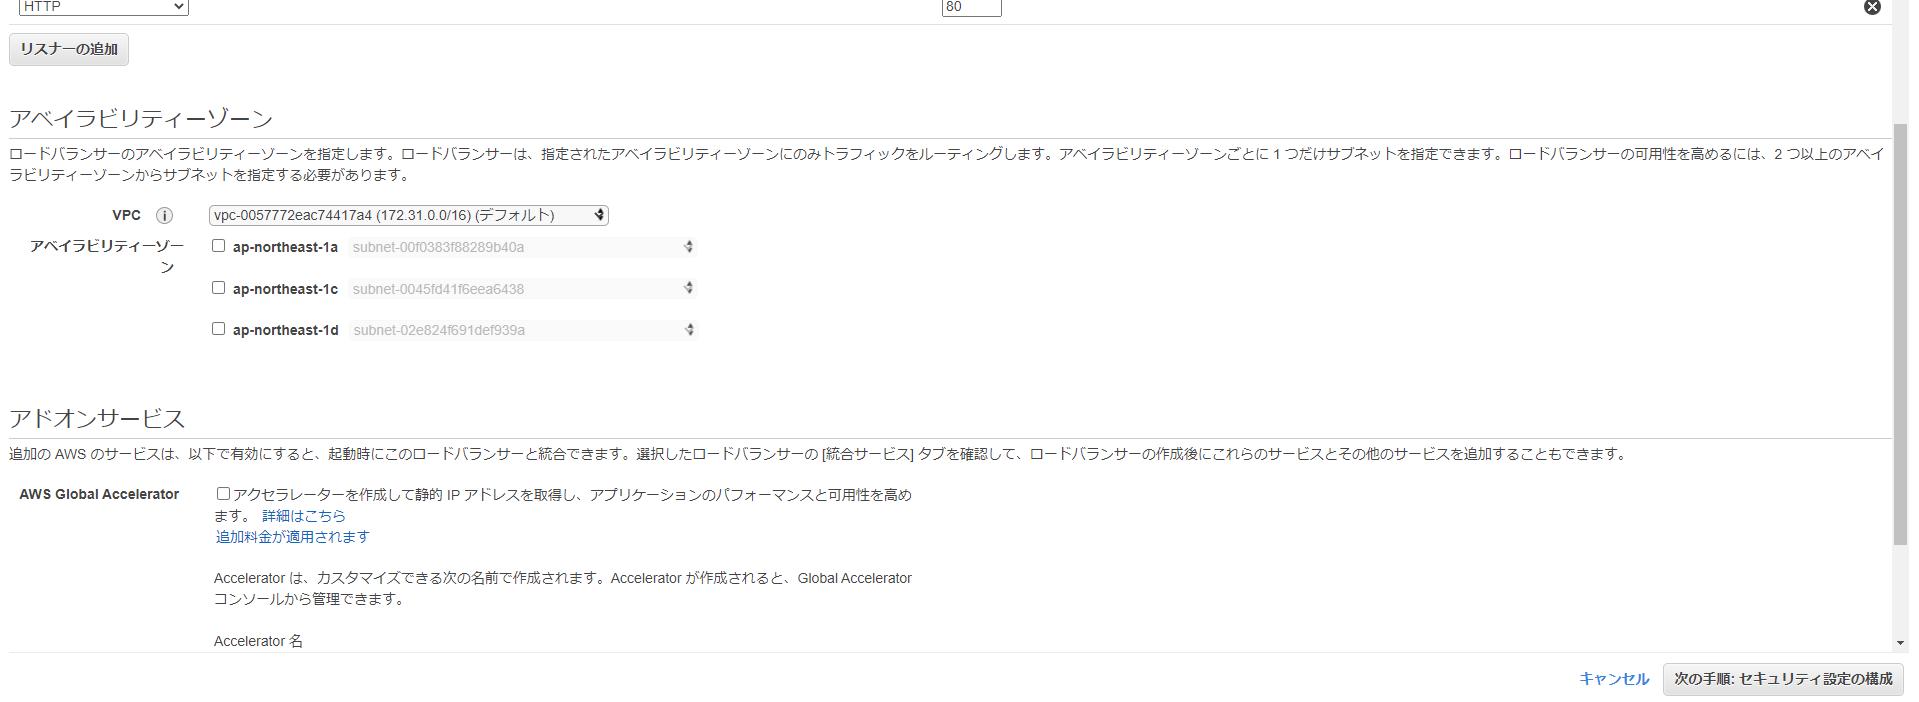 スクリーンショット (25).png